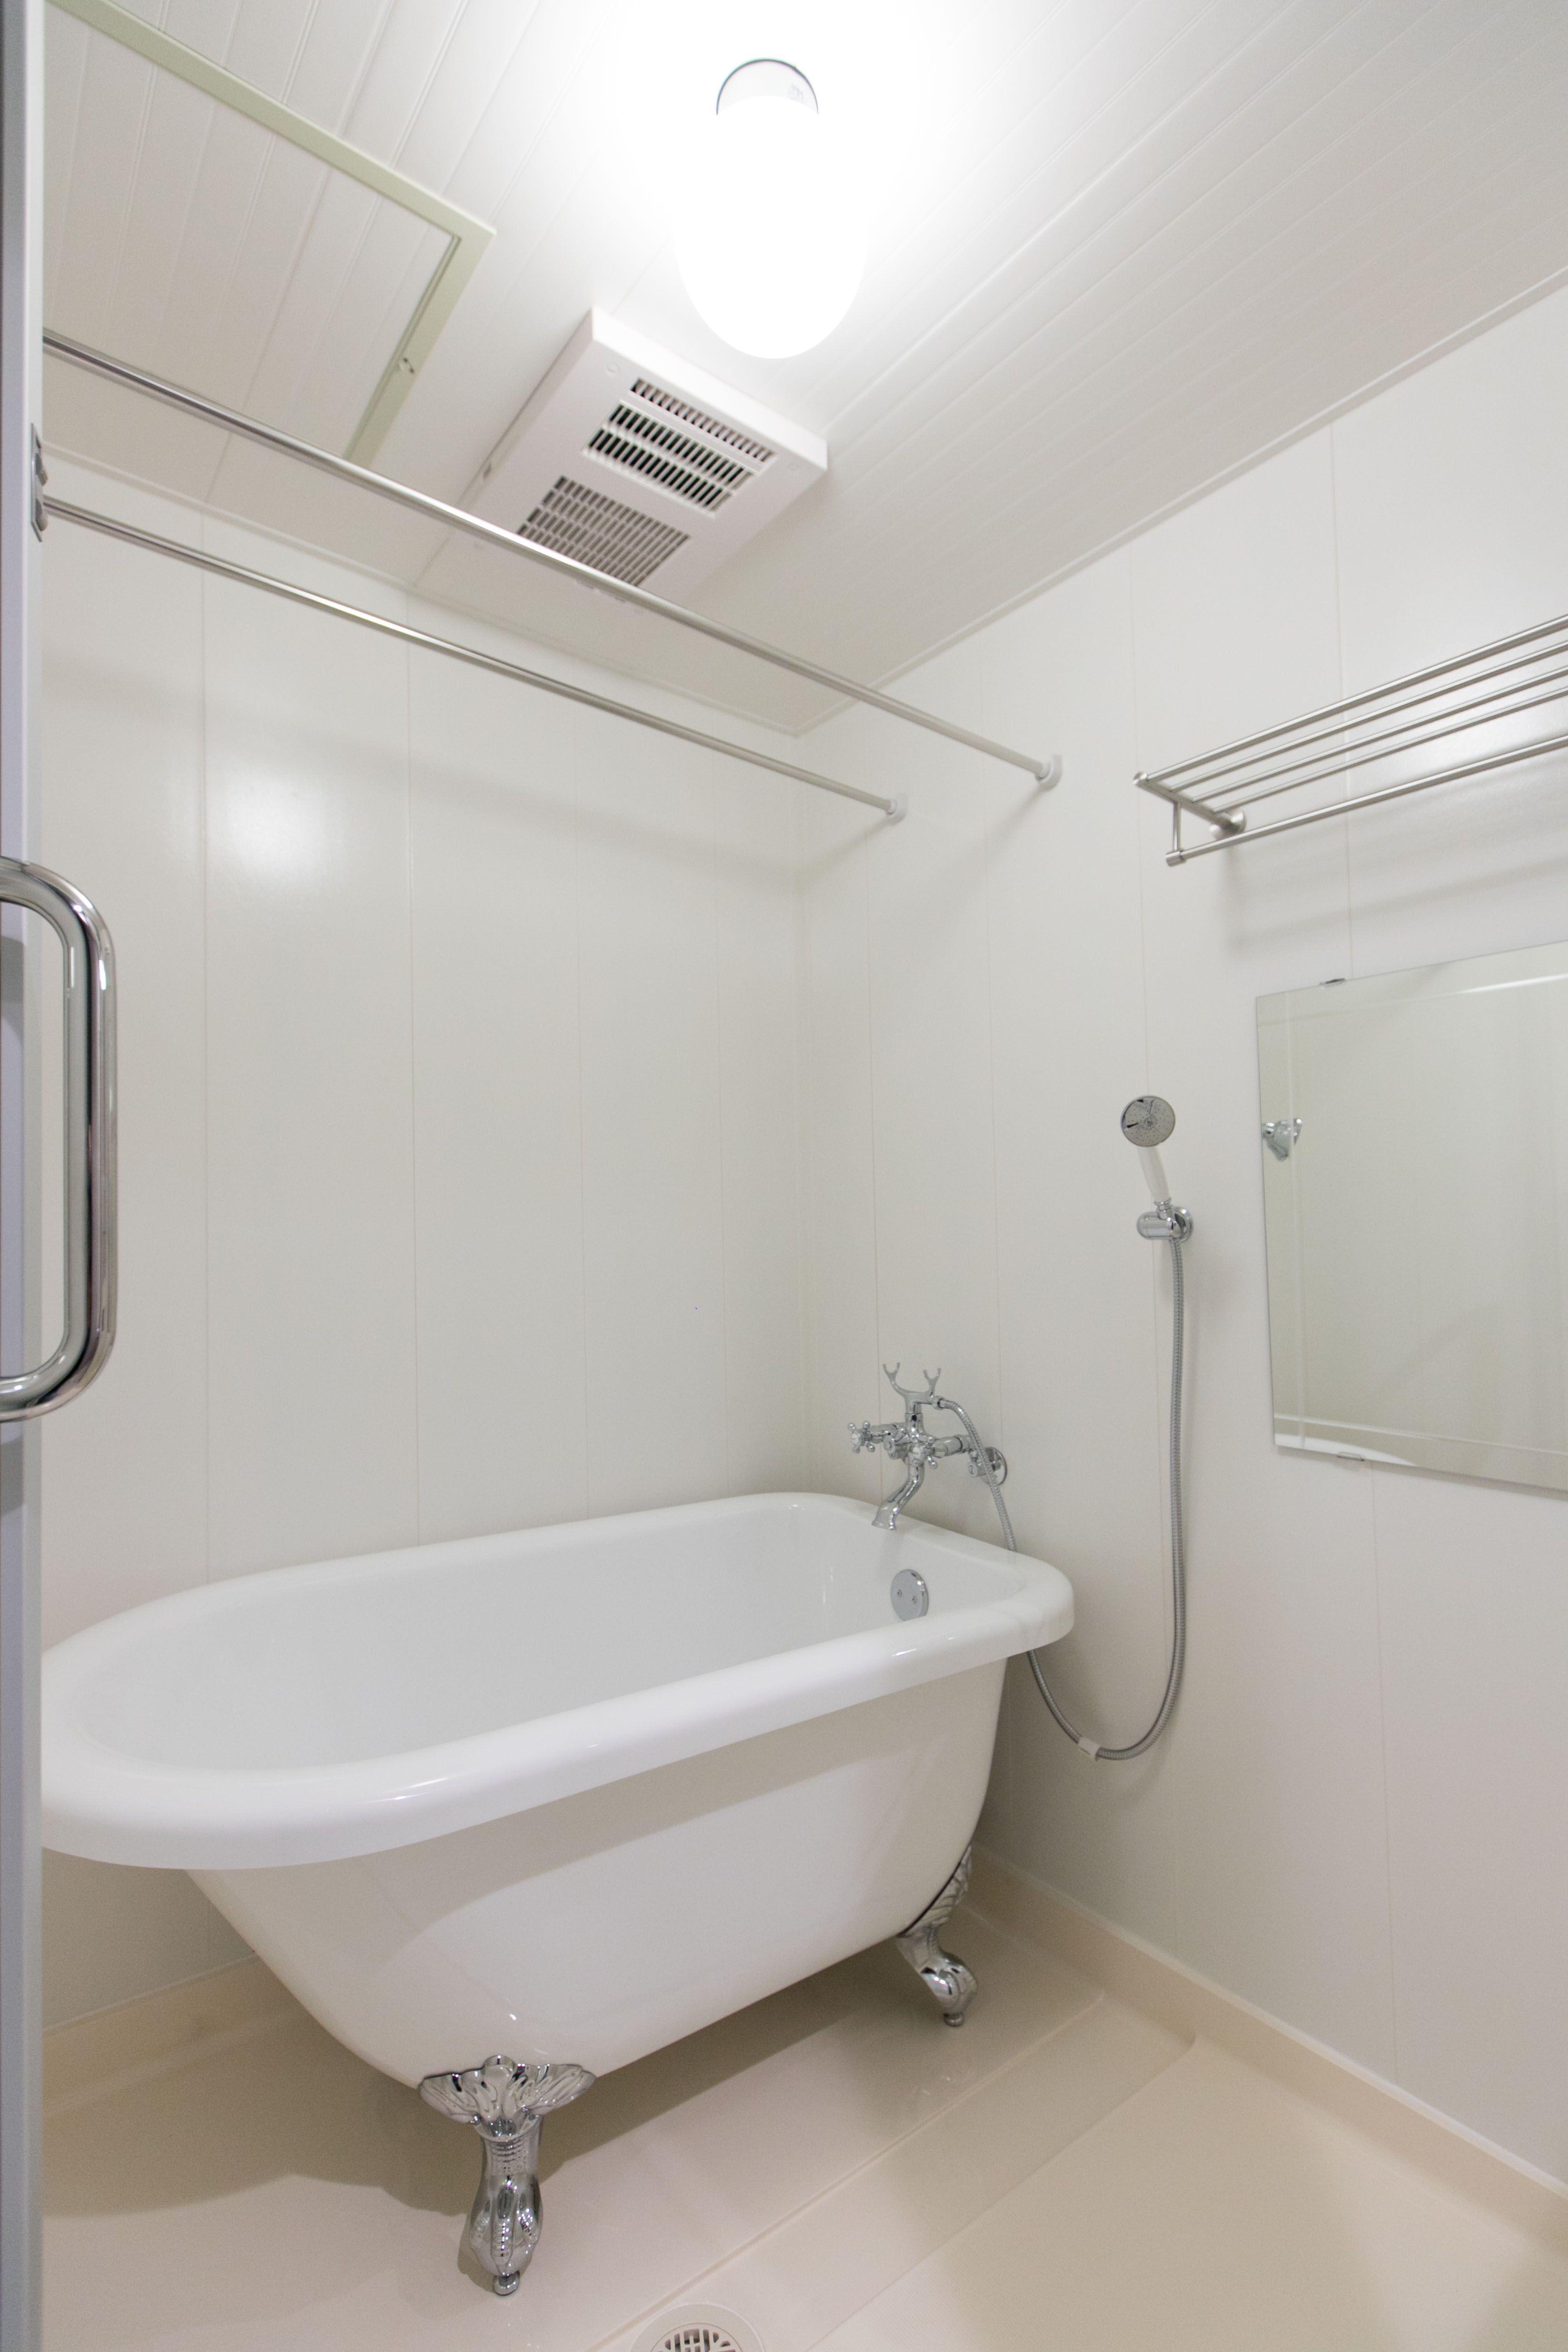 浴室は猫足で可愛いバスタブに 女性は誰でも憧れるカワイイバスタブになりました 猫足 浴室 猫足バスタブ ねこあし リノベーション 横浜リノベーション 猫足バスタブ 浴室リフォーム ラグジュアリーなバスルーム